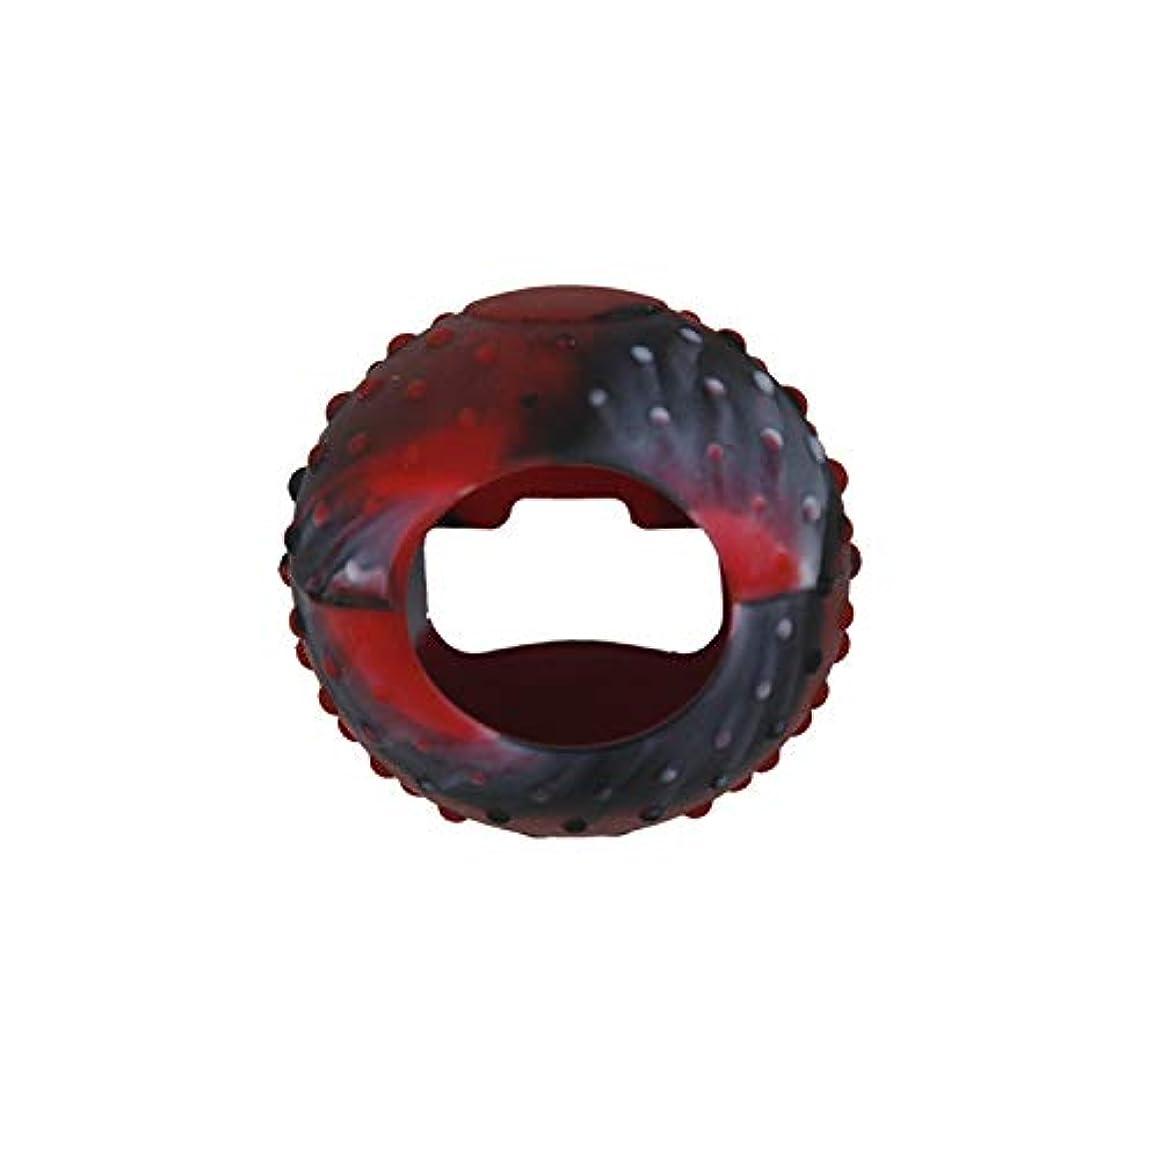 時々時々署名電話するSwitch モンスターボール Plus用シリコン保護カバー 耐衝撃 簡単装着 switch モンスターボール Plus 収納ケースカバー モンスターボールPlus用ソフトカバー (モンスターボール Plus, レッド&ブラック)